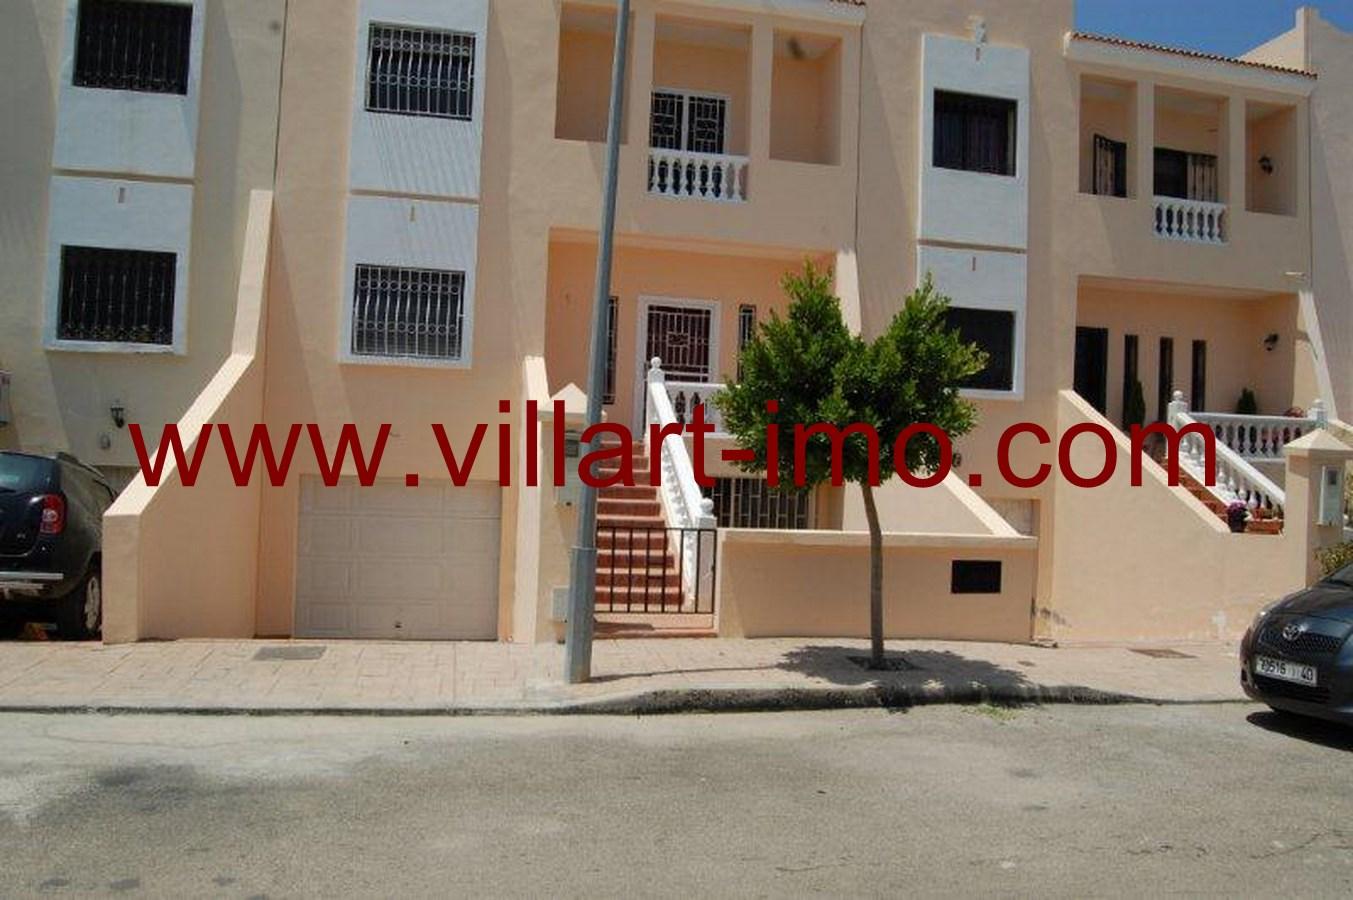 1-Vente-Villa-Tanger-Boubana-Vue -VV493-Villart Immo